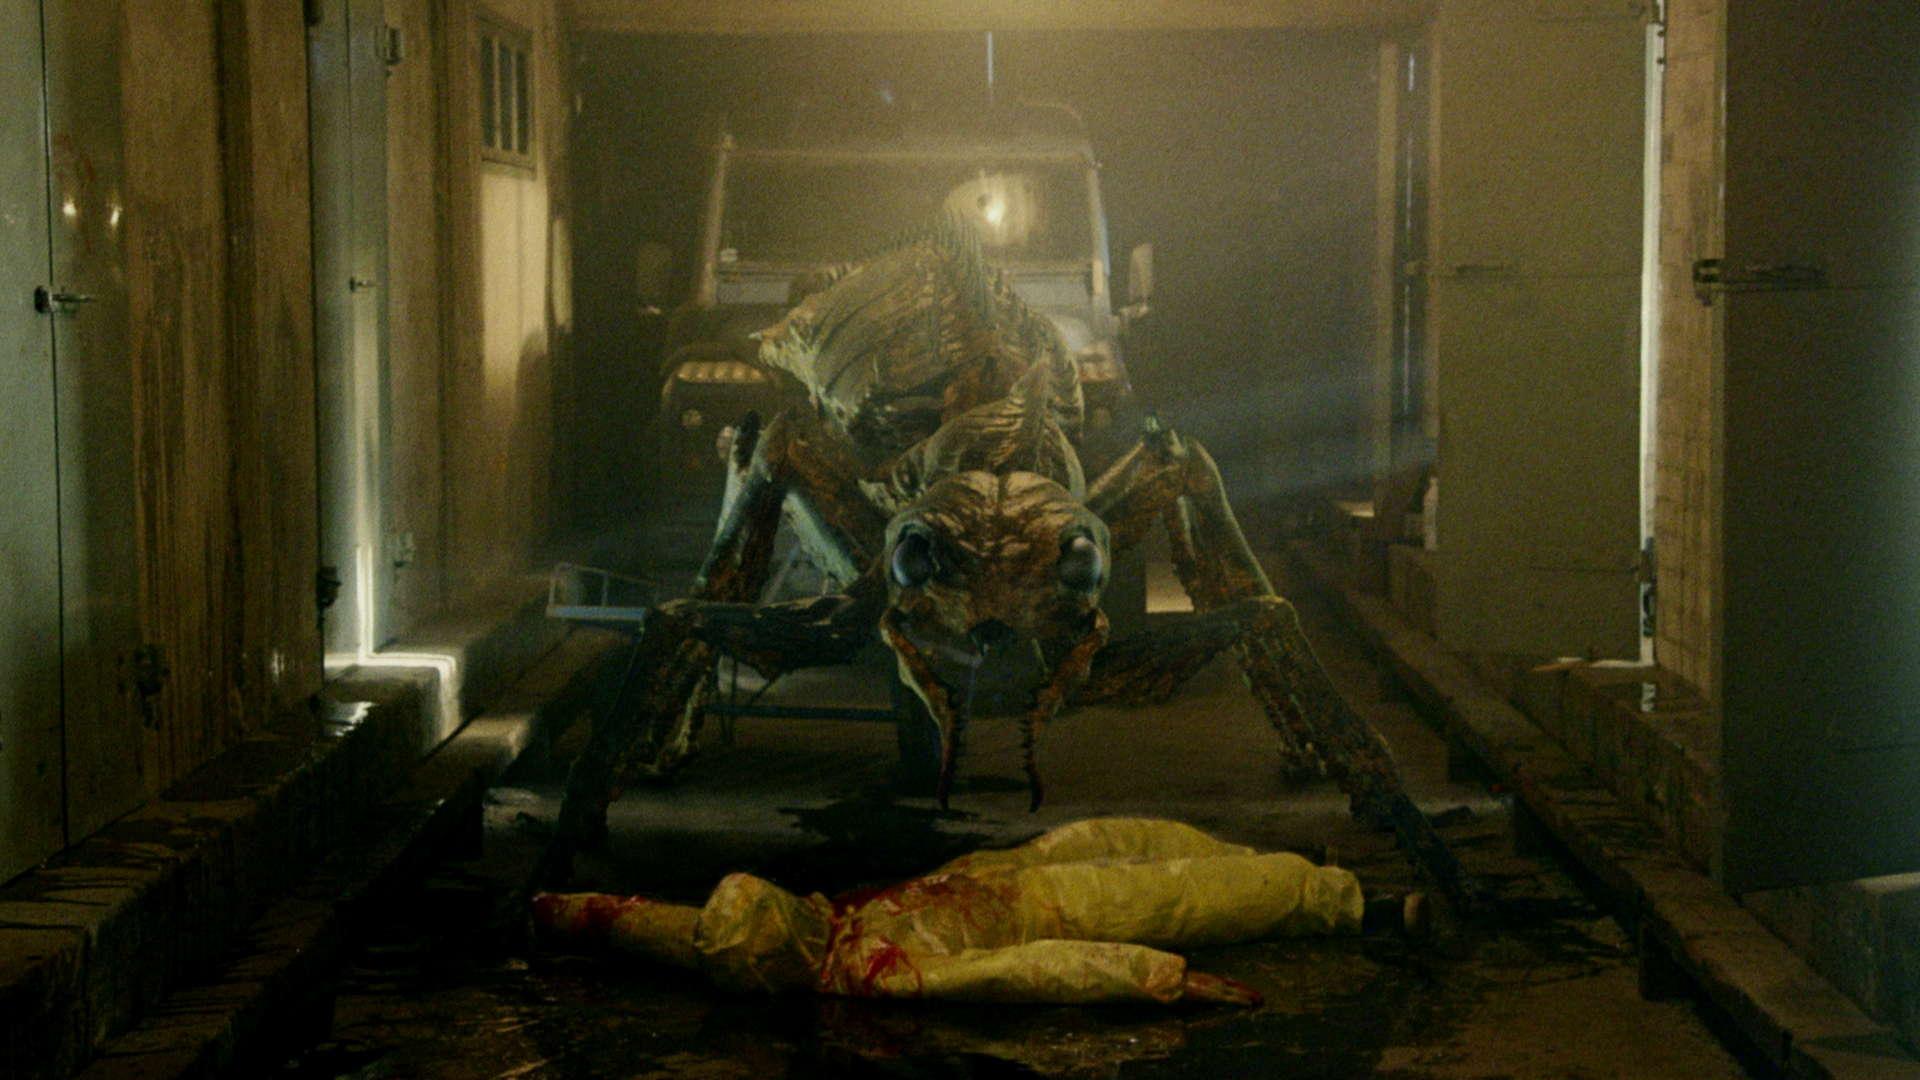 【映画】人類が謎の生物に襲われる!モンスター・パニック映画特集!